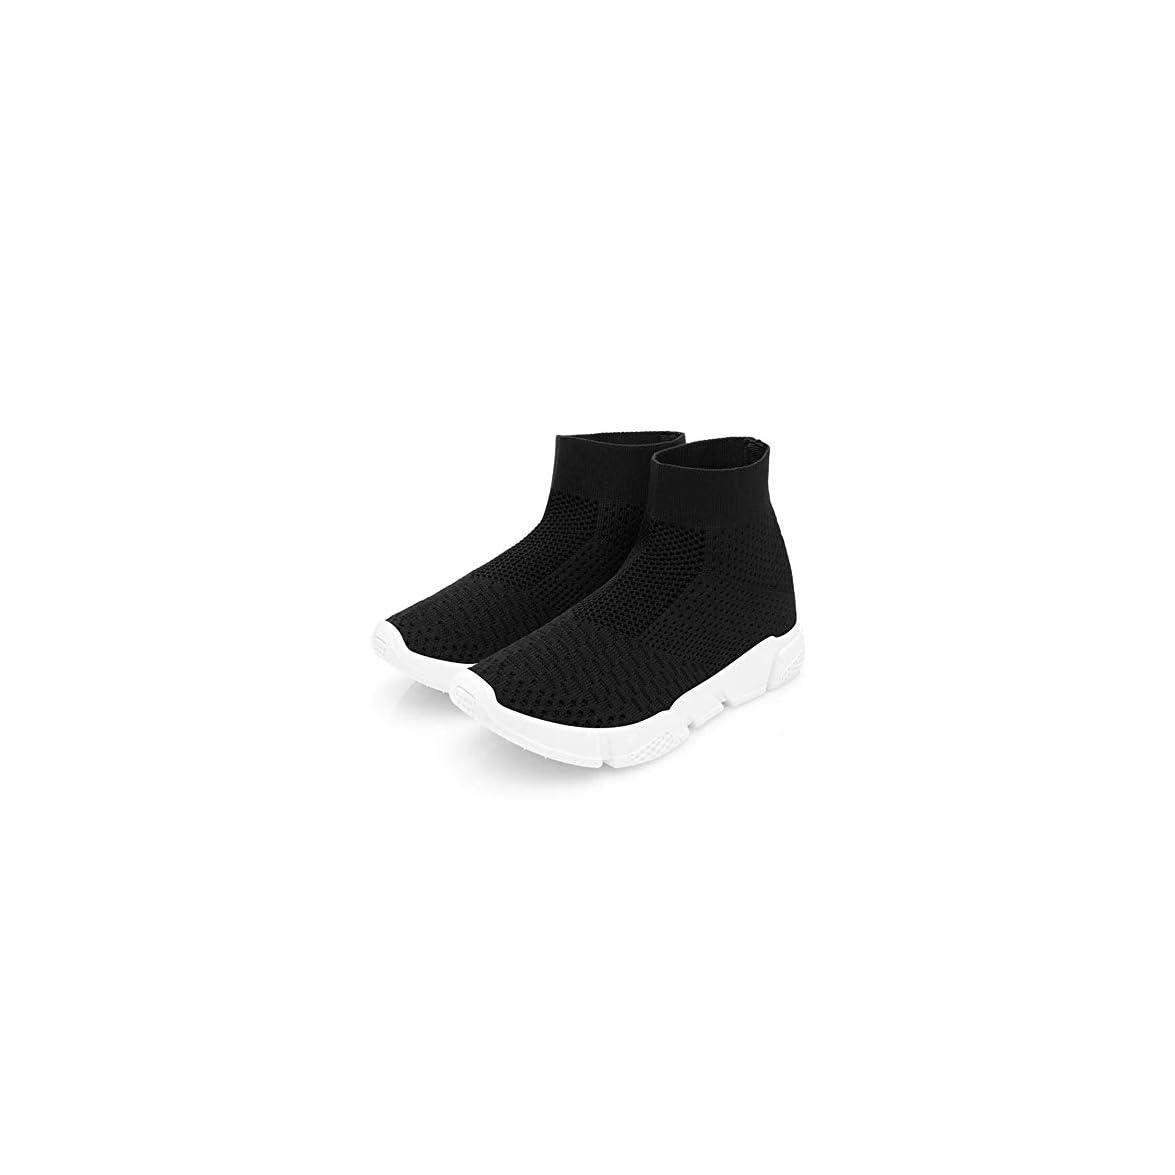 Ysfu Sneaker Sneakers Da Donna Casual Calze Stretch Bianche Alte Per Aiutare Le Donne A Maglia Scarpe Mesh Damping Fitness Traspirante Leggero Outdoor